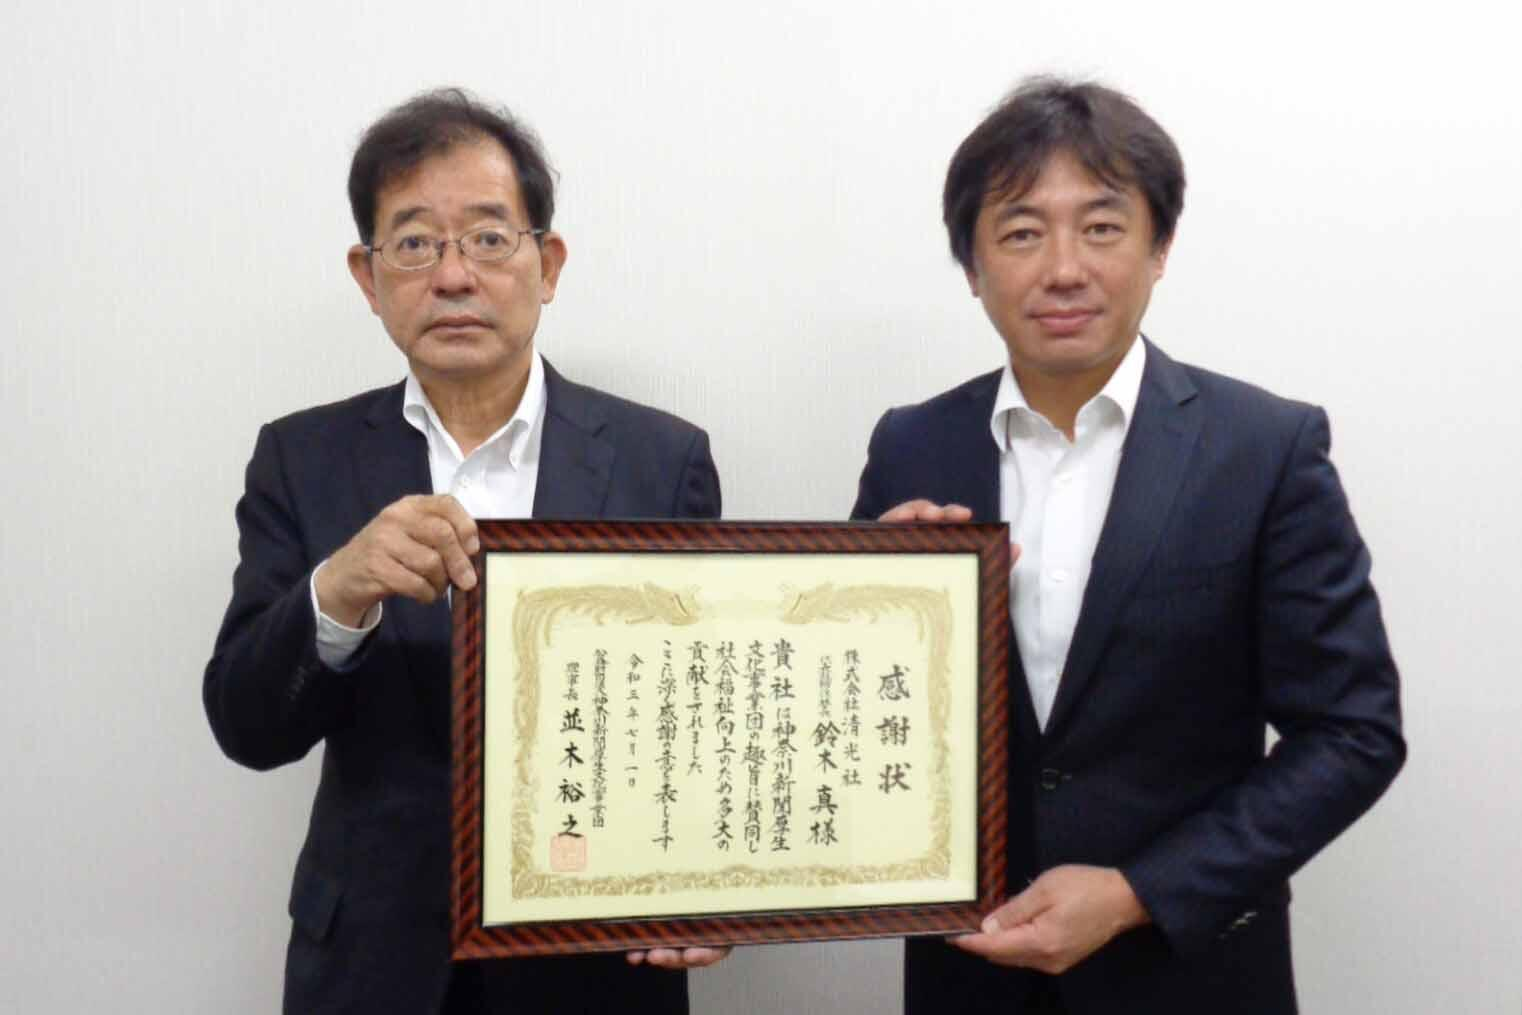 神奈川新聞厚生文化事業団より感謝状をいただきました